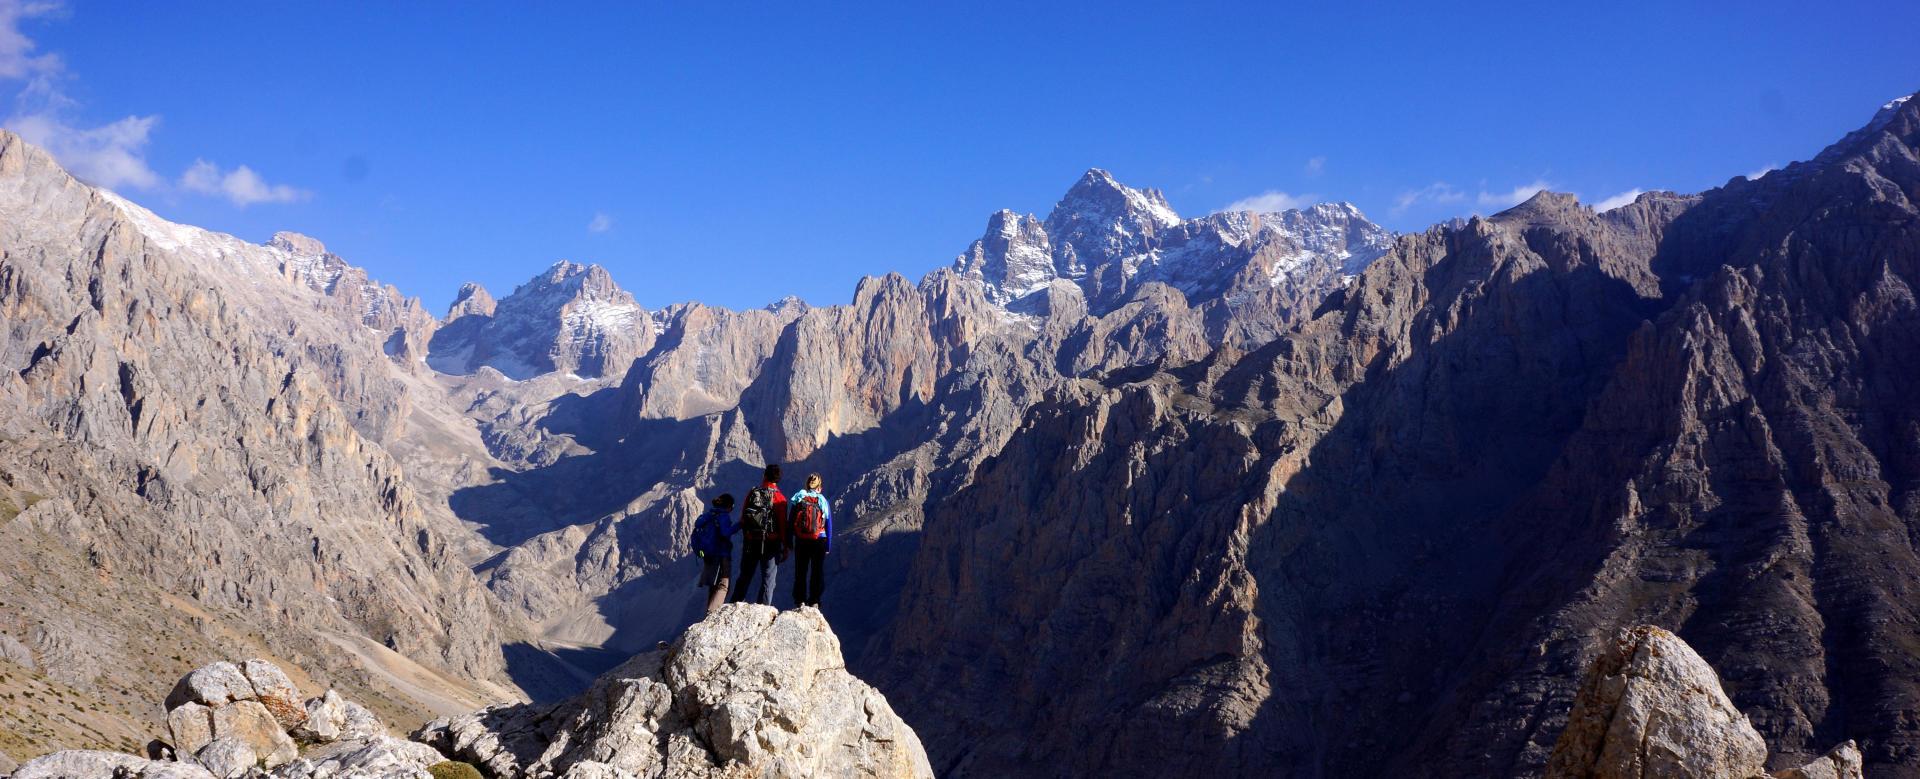 Voyage sur l'eau : Taurus et cappadoce